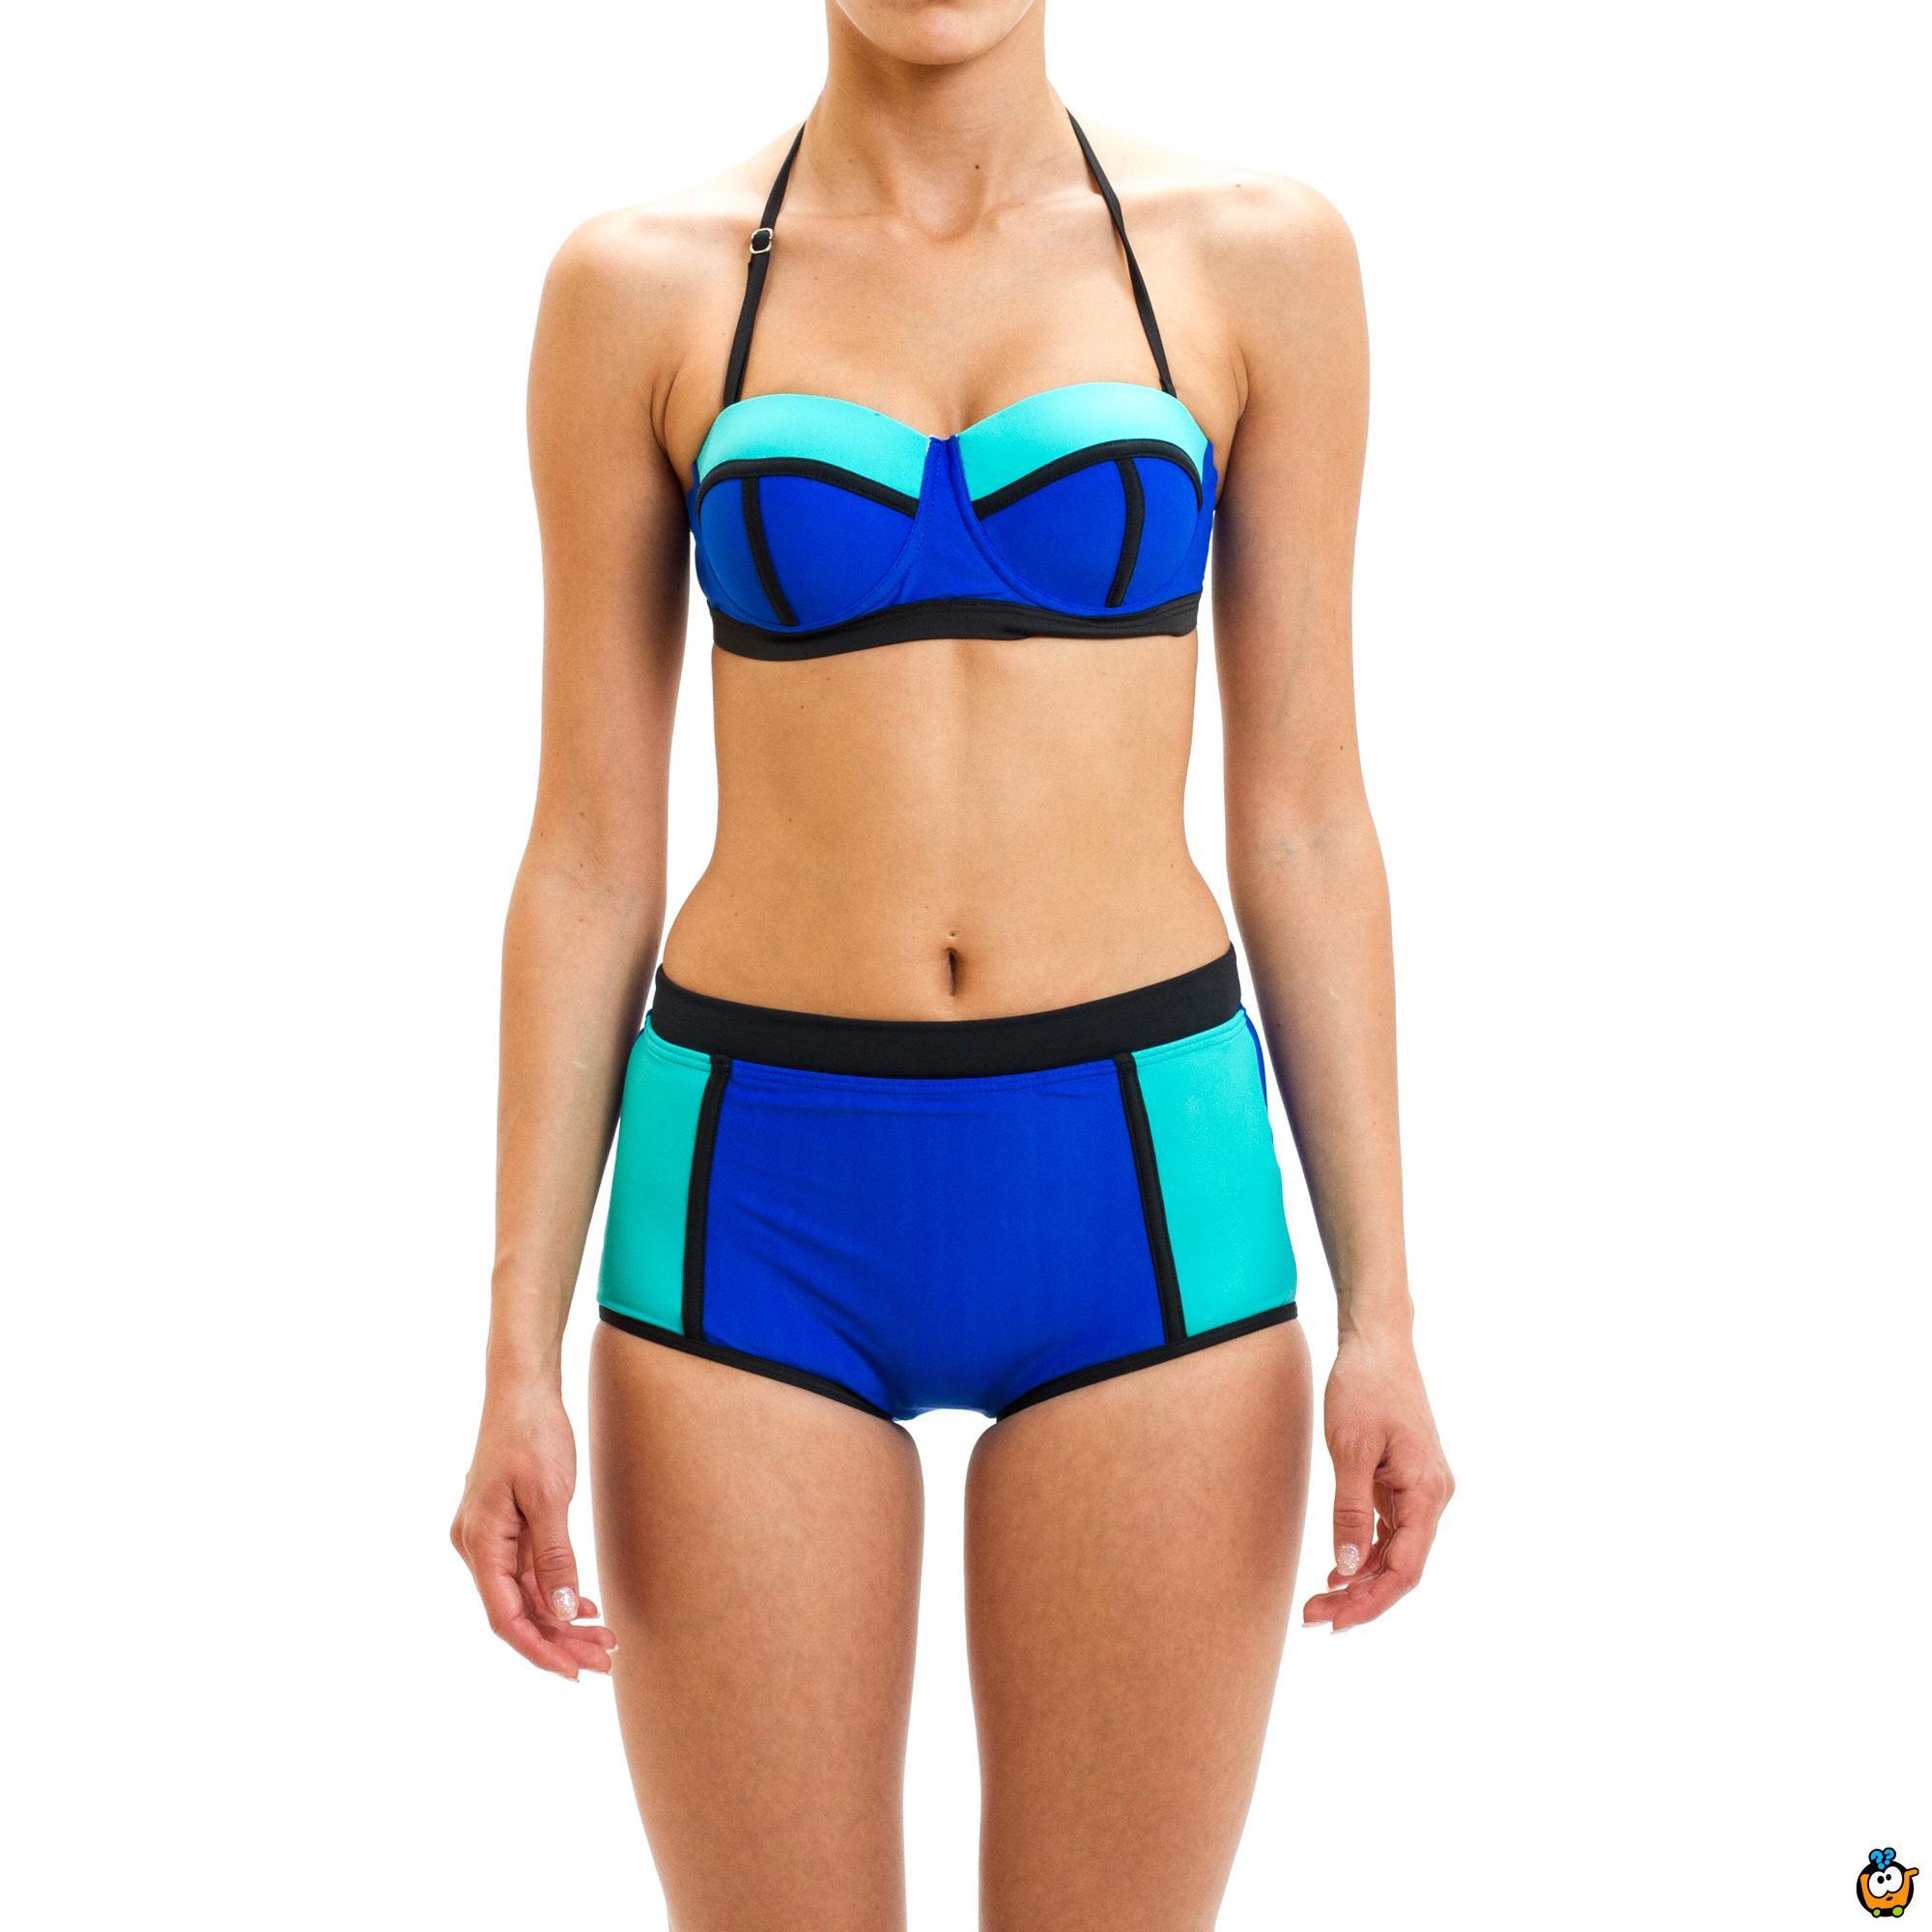 Dvodelni ženski kupaći kostim - LINES MIX GREEN